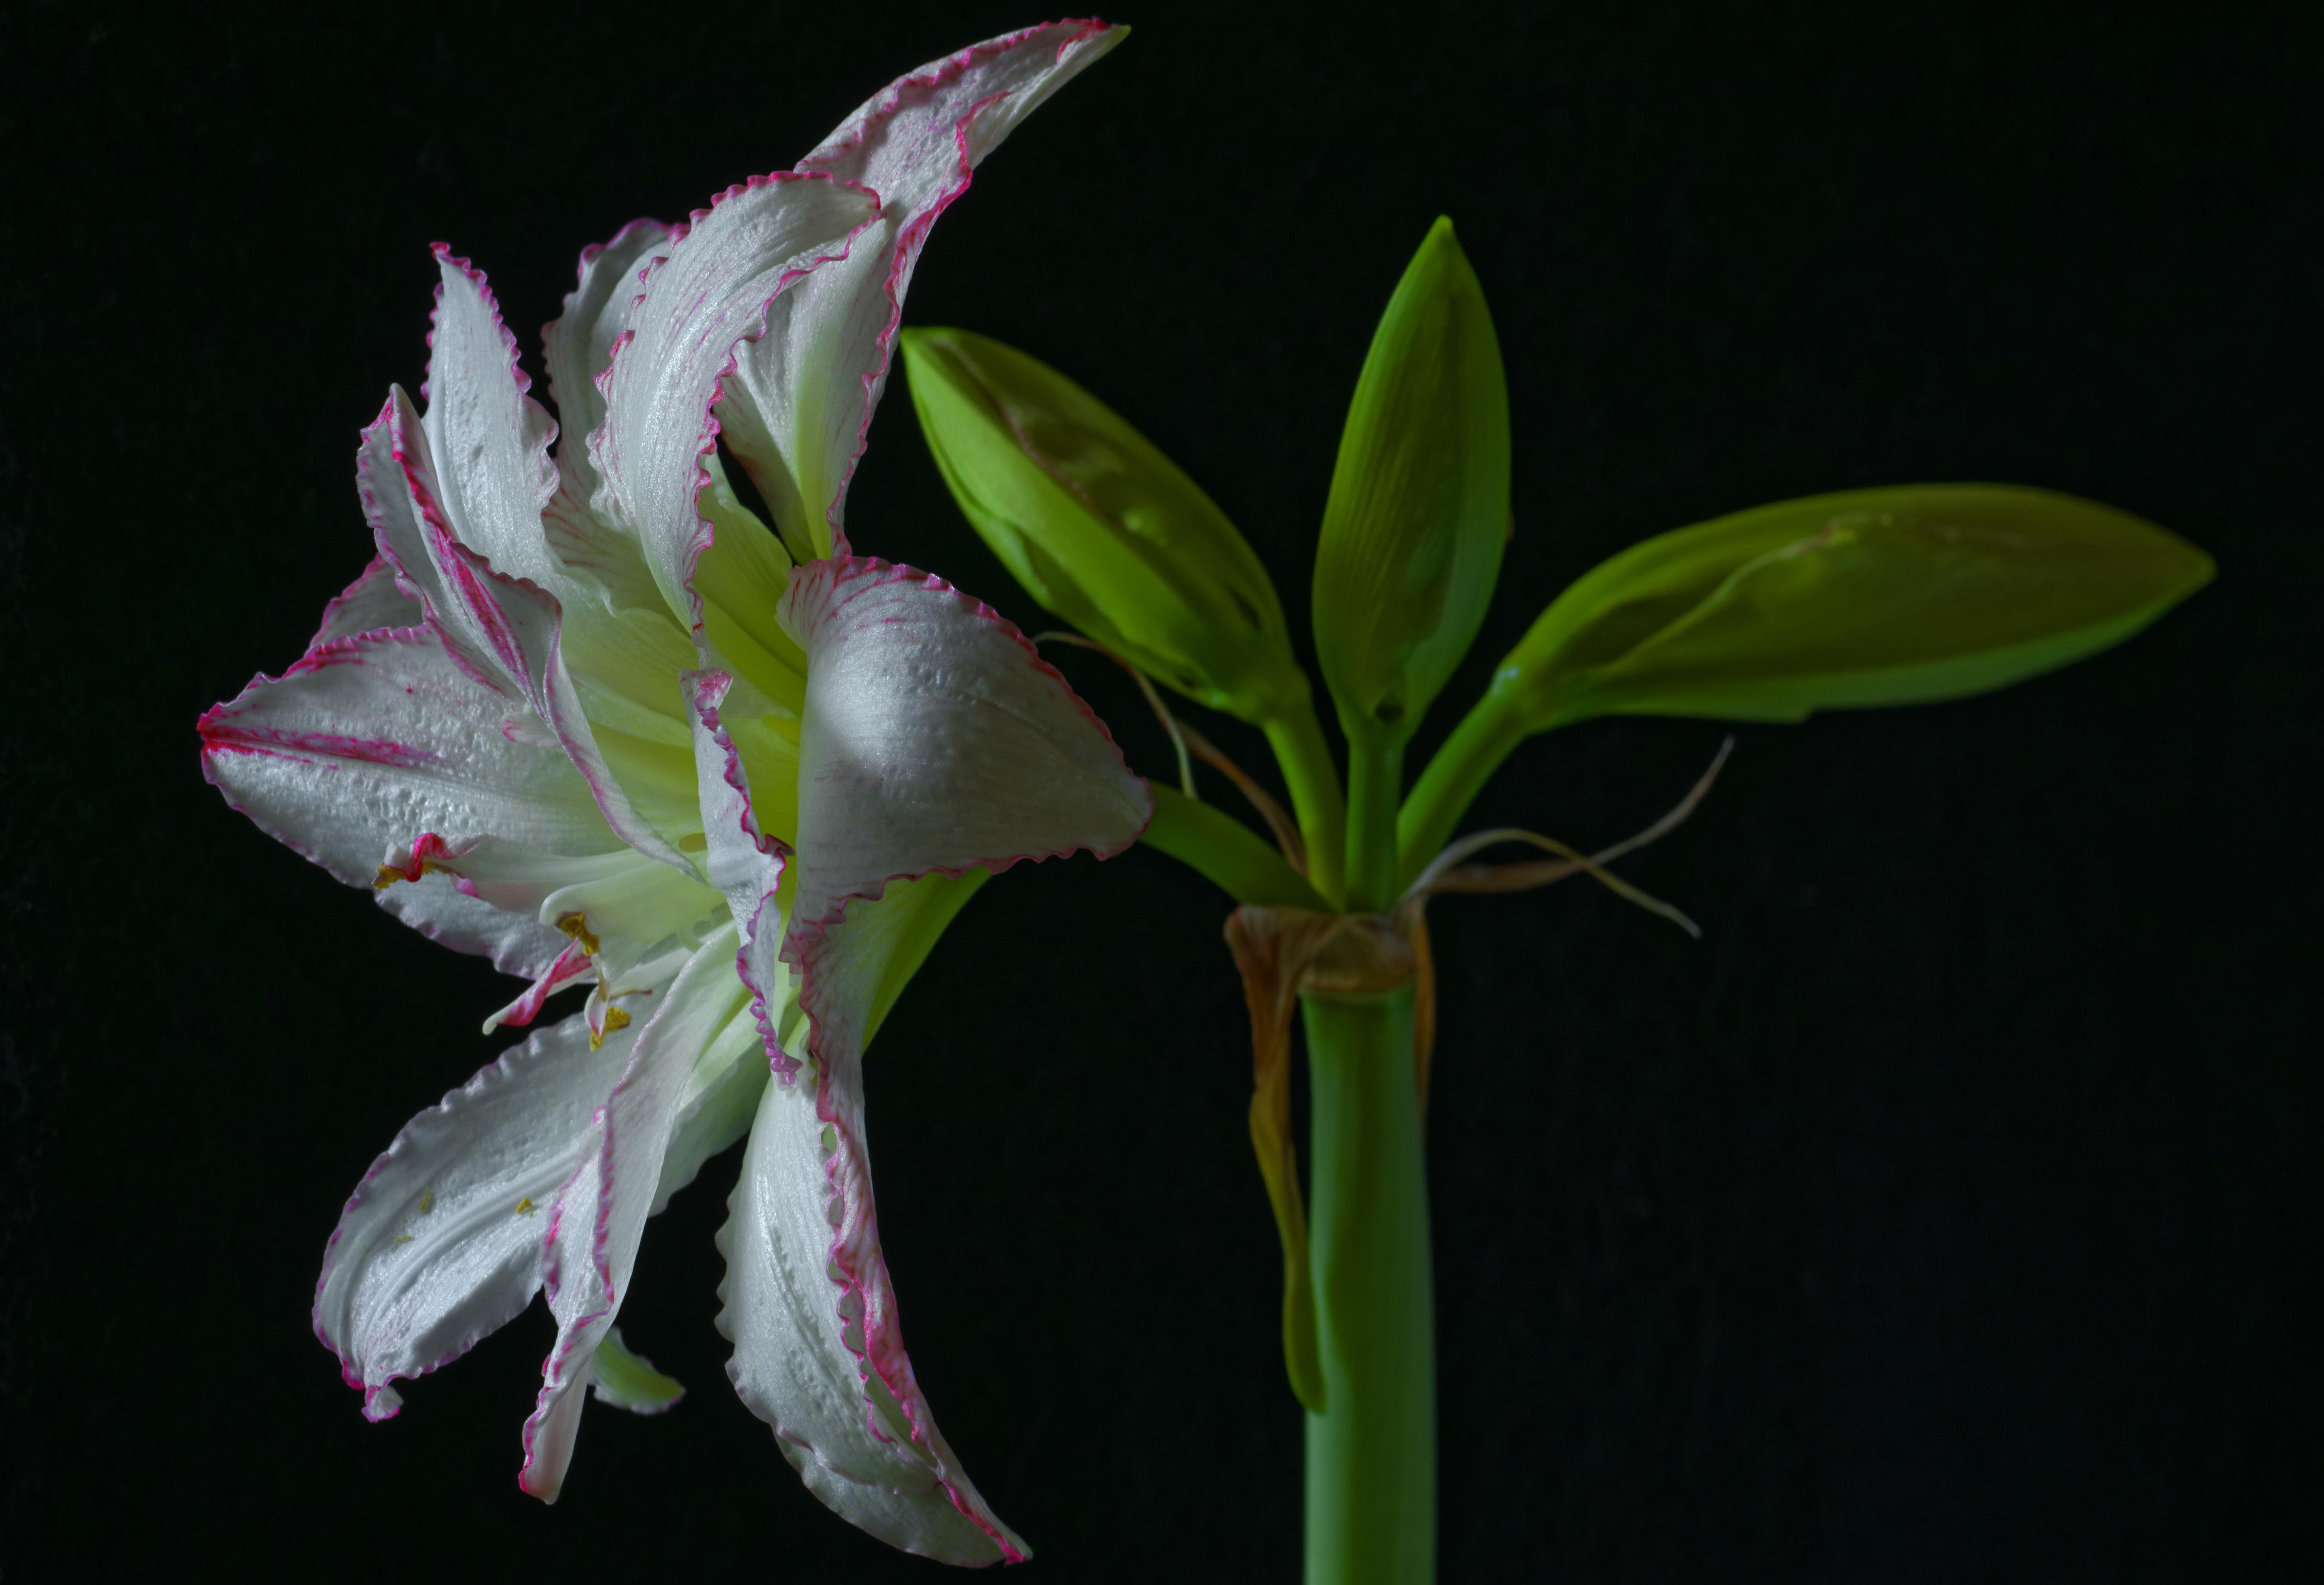 Фото белая Цветы Амариллис Черный фон Крупным планом 4400x3000 белых белые Белый вблизи на черном фоне